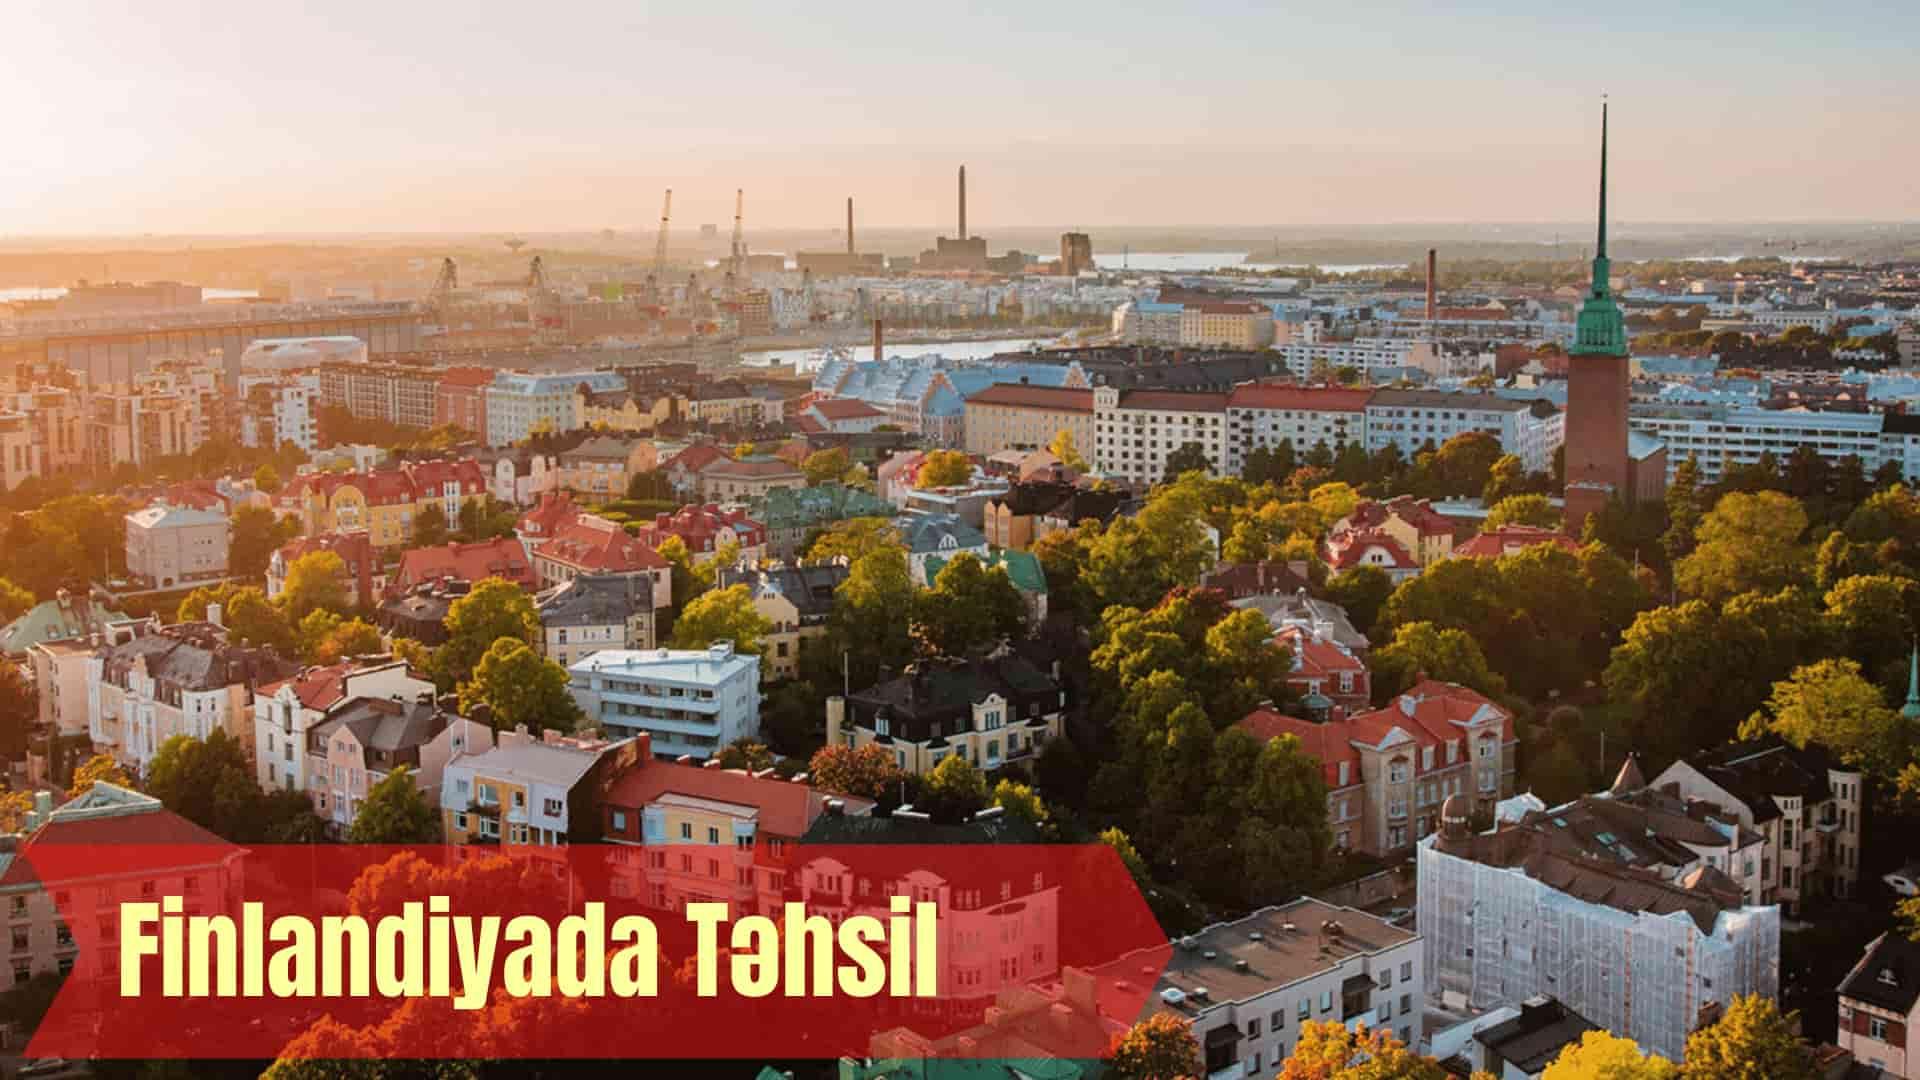 Finlandiyada tehsil